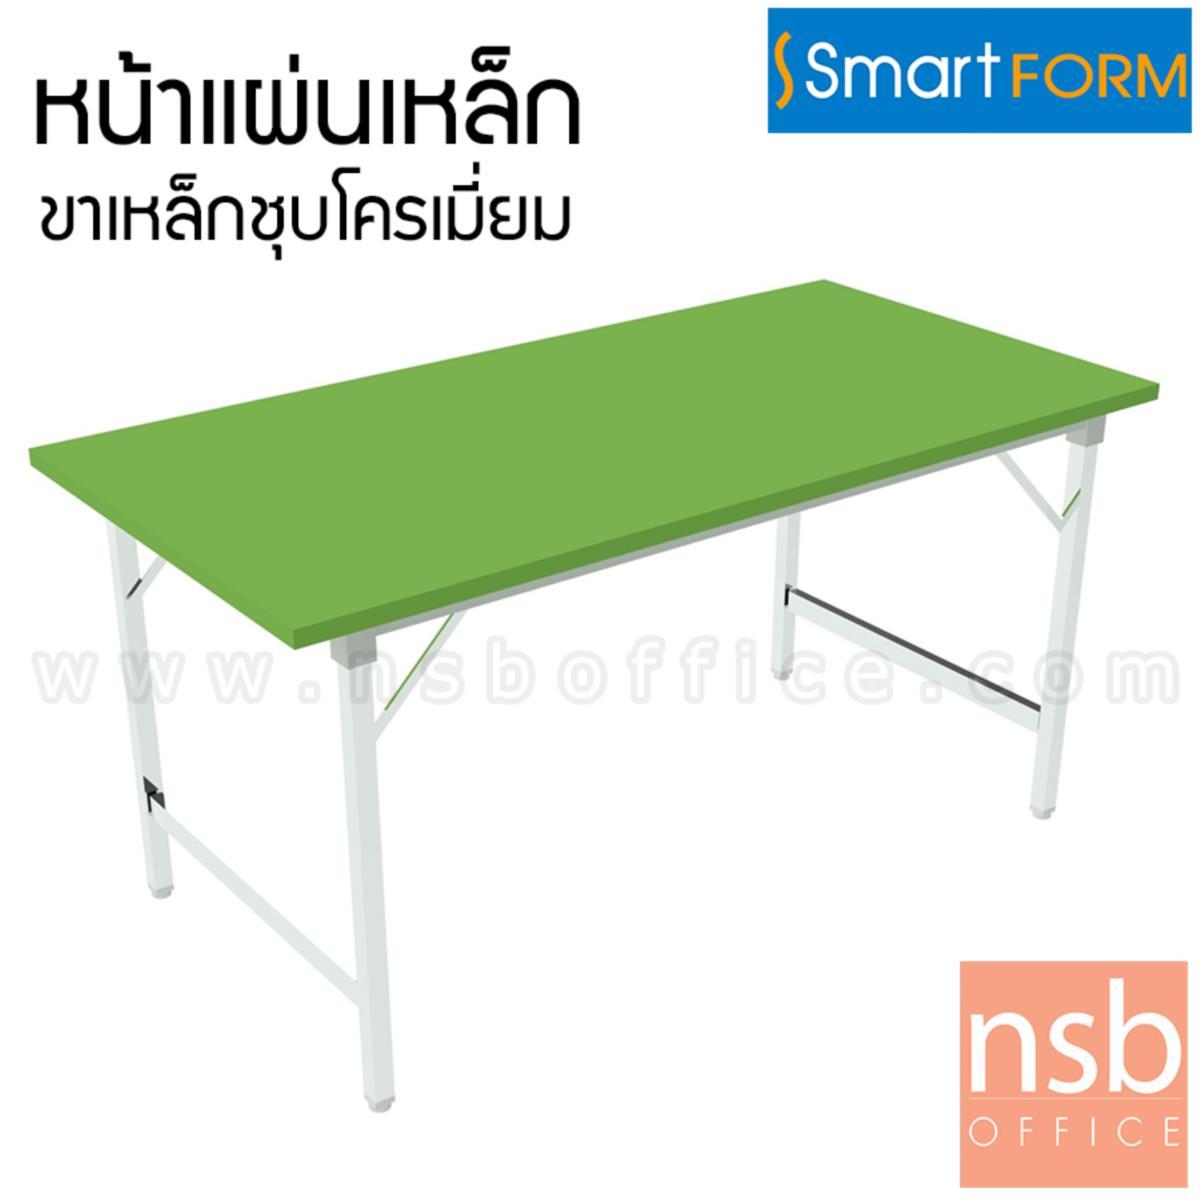 A07A082:โต๊ะพับหน้าเหล็ก รุ่น Edison (เอดิสัน) ขนาด 120W, 180W (*60D) cm. ขาเหล็กชุบโครเมี่ยม